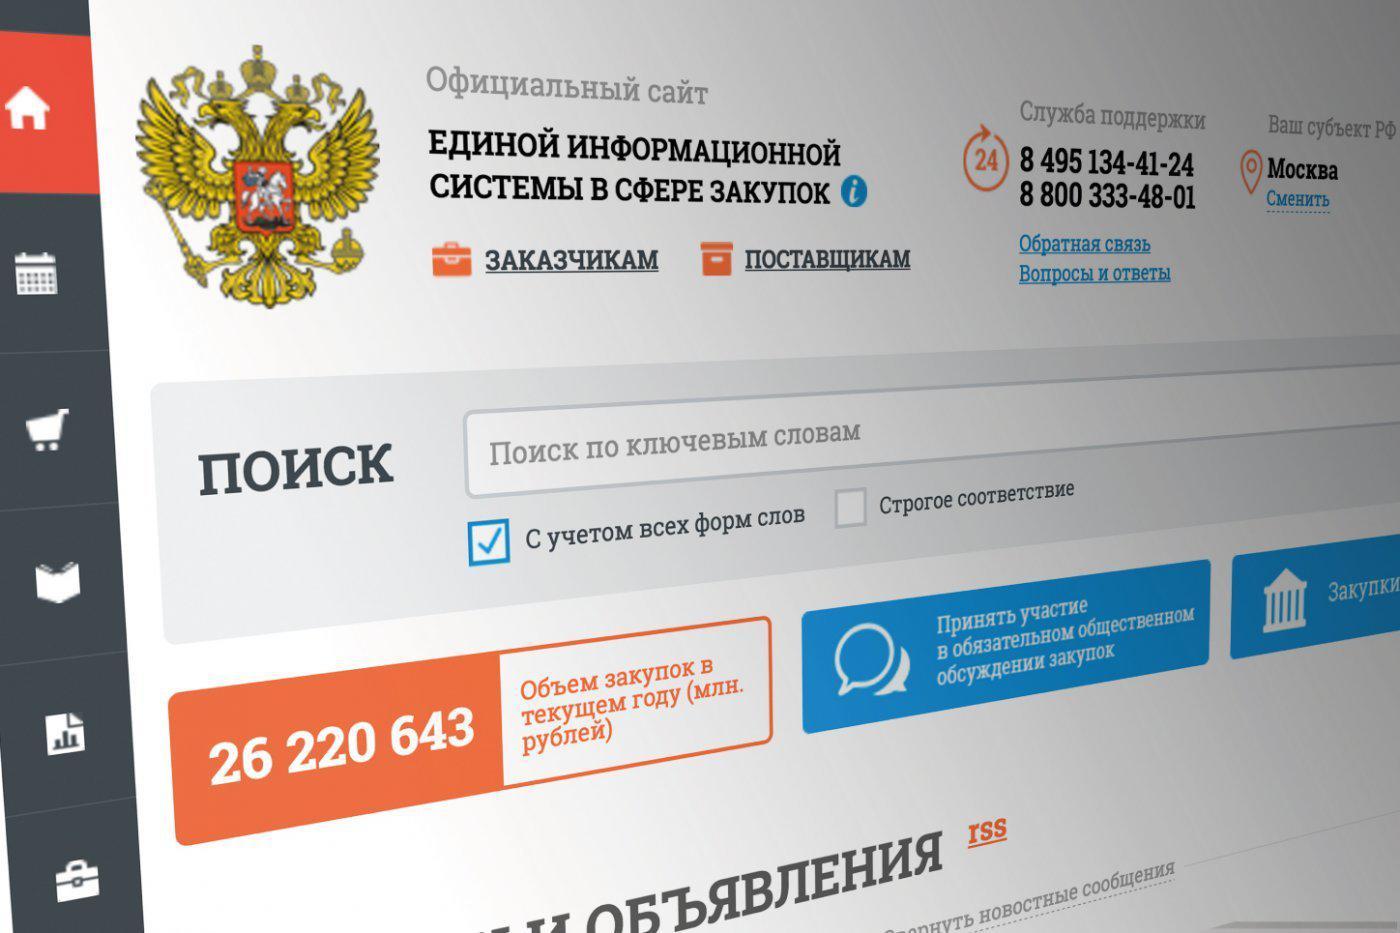 8a9b21b416f9 Госзаказчики Югры будут использовать портал Москвы для закупок малого объема